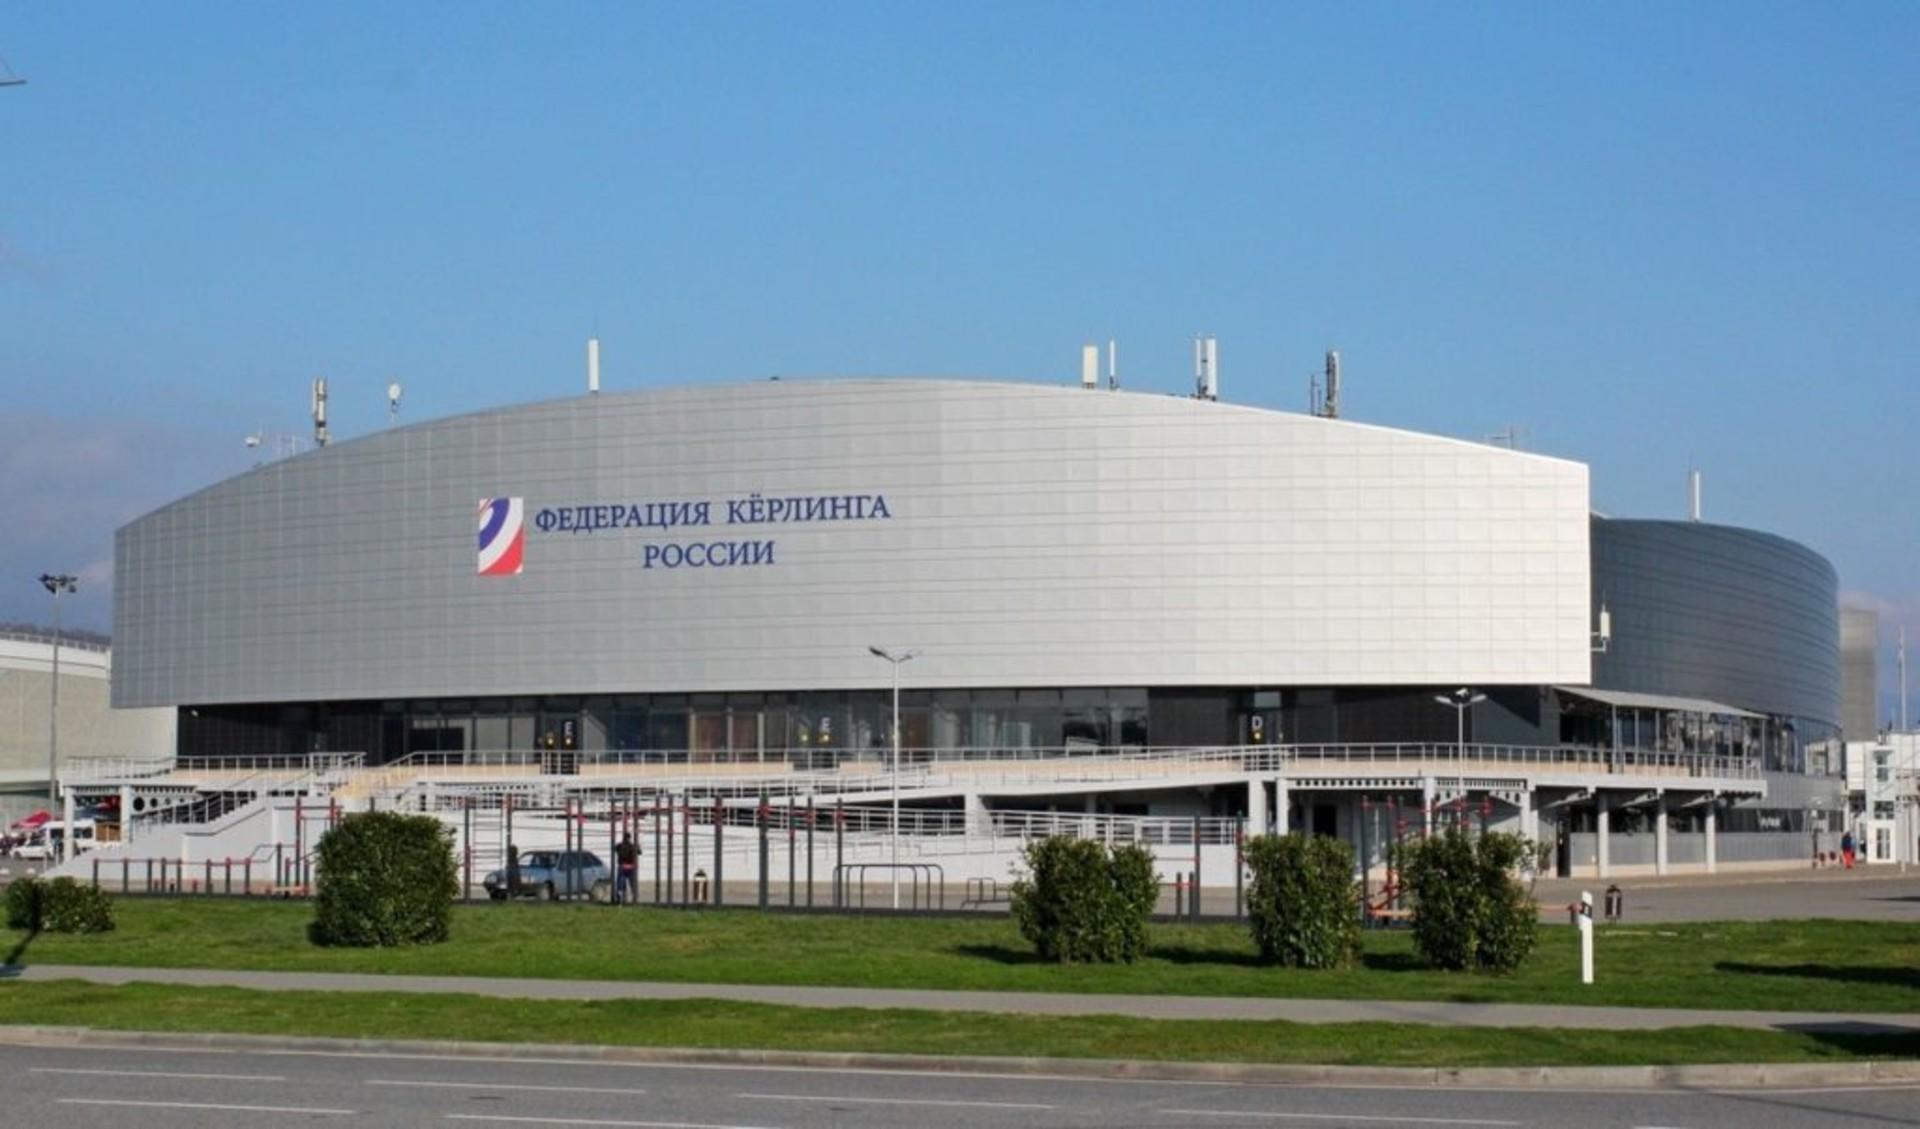 arena-ledyanoj-kub-v-sochi-v-olimpijskom-parke00010-min-1024x602.jpg